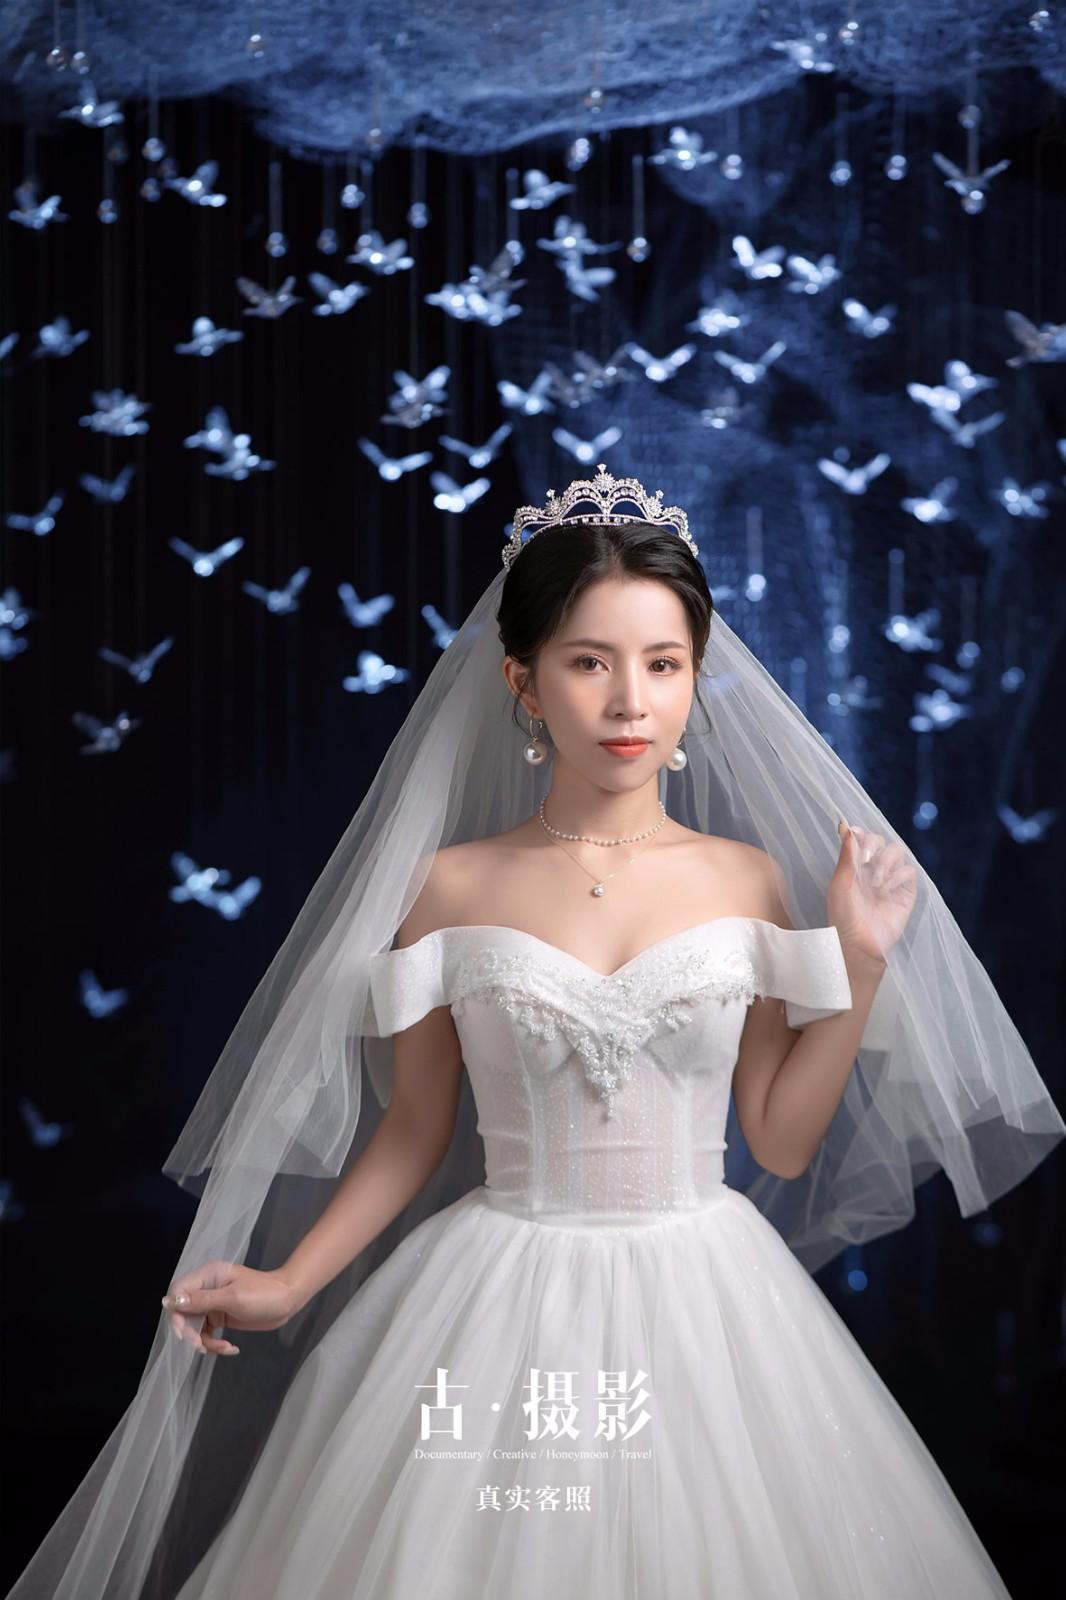 曹先生 莫小姐 - 每日客照 - 广州婚纱摄影-广州古摄影官网